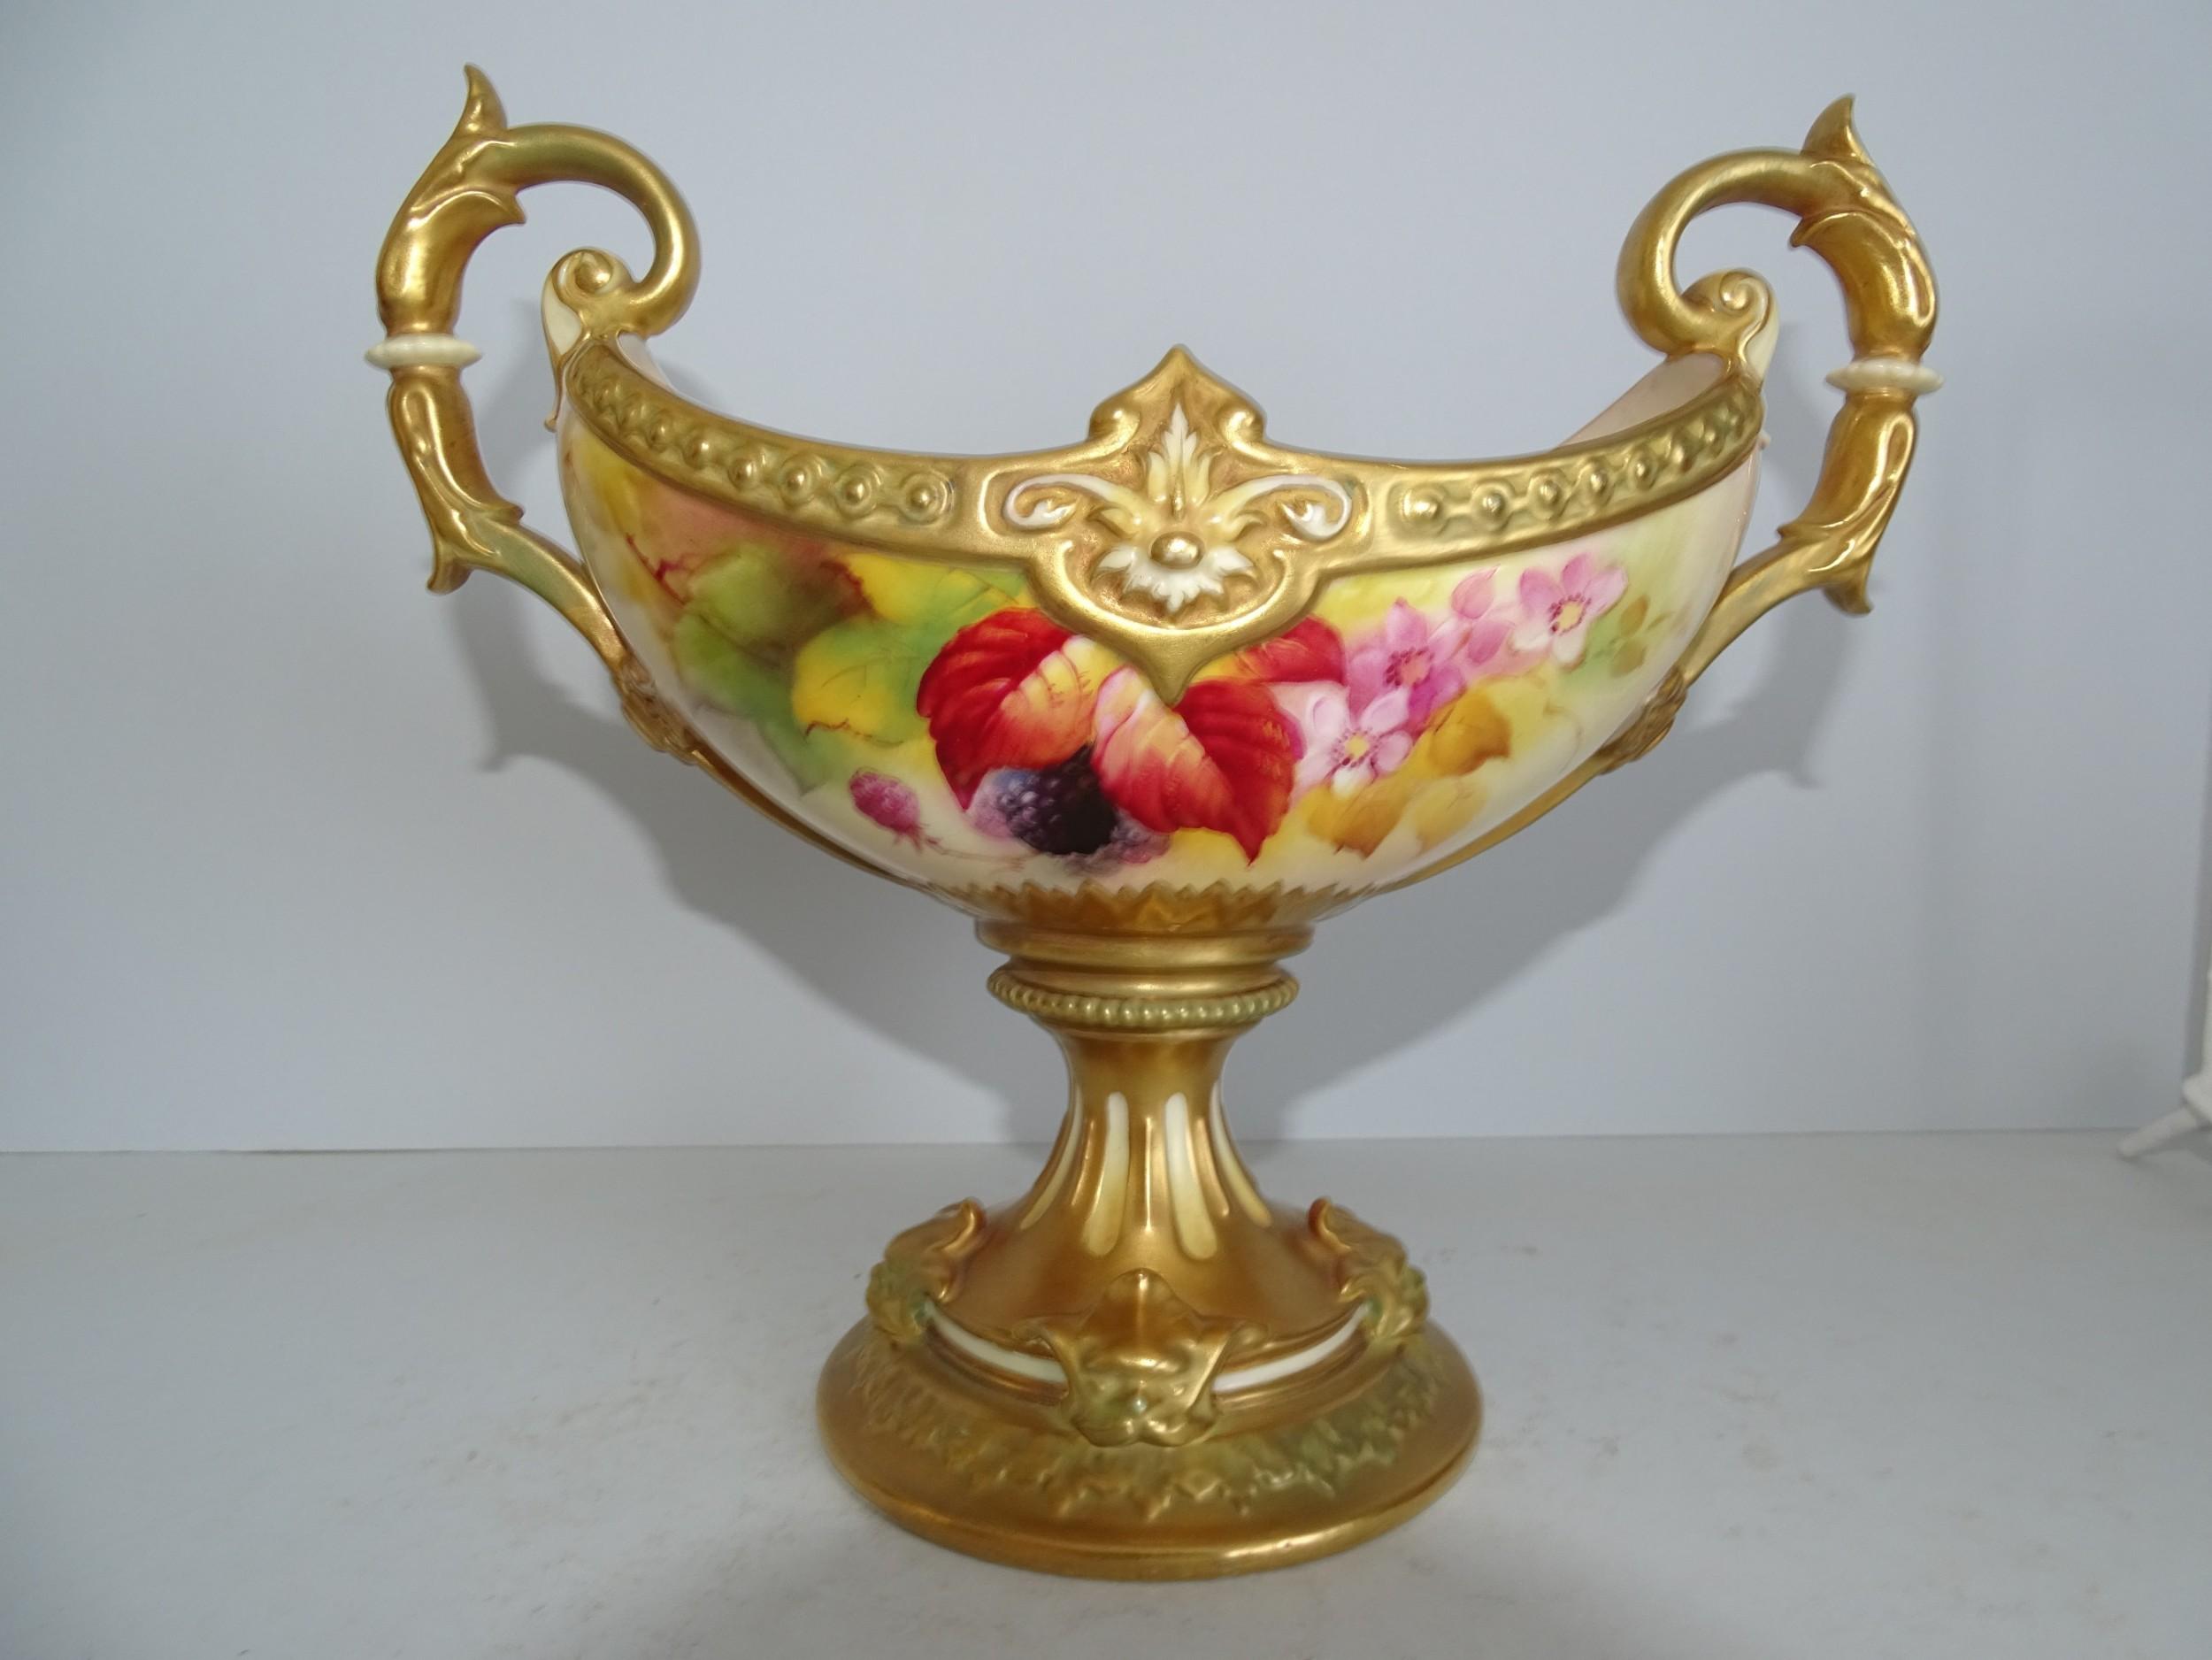 royal worcester stemmed boat shape bowl